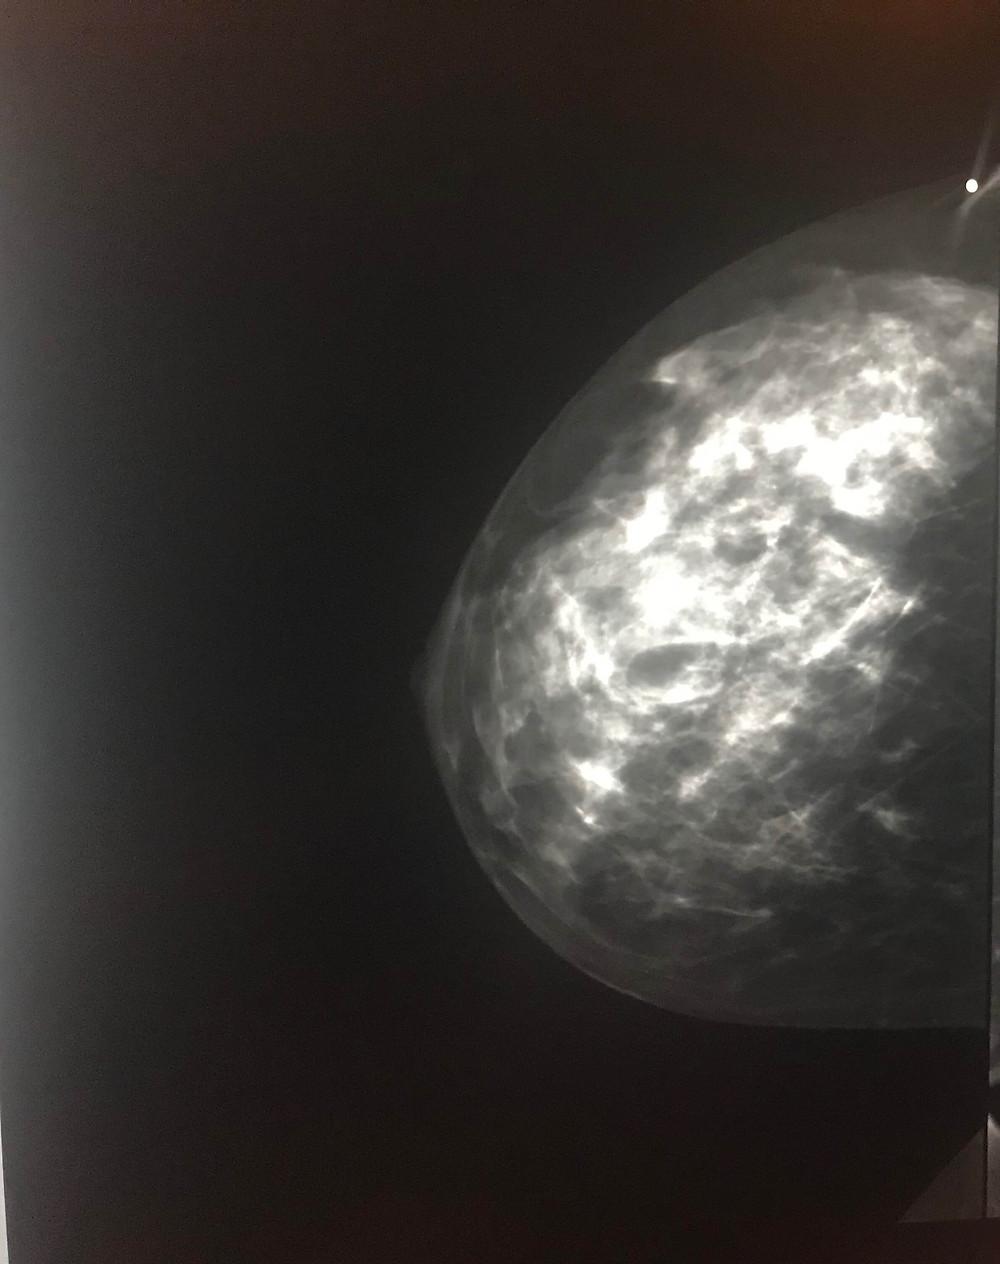 Mammogram Imaging | Cancer's A Bitch